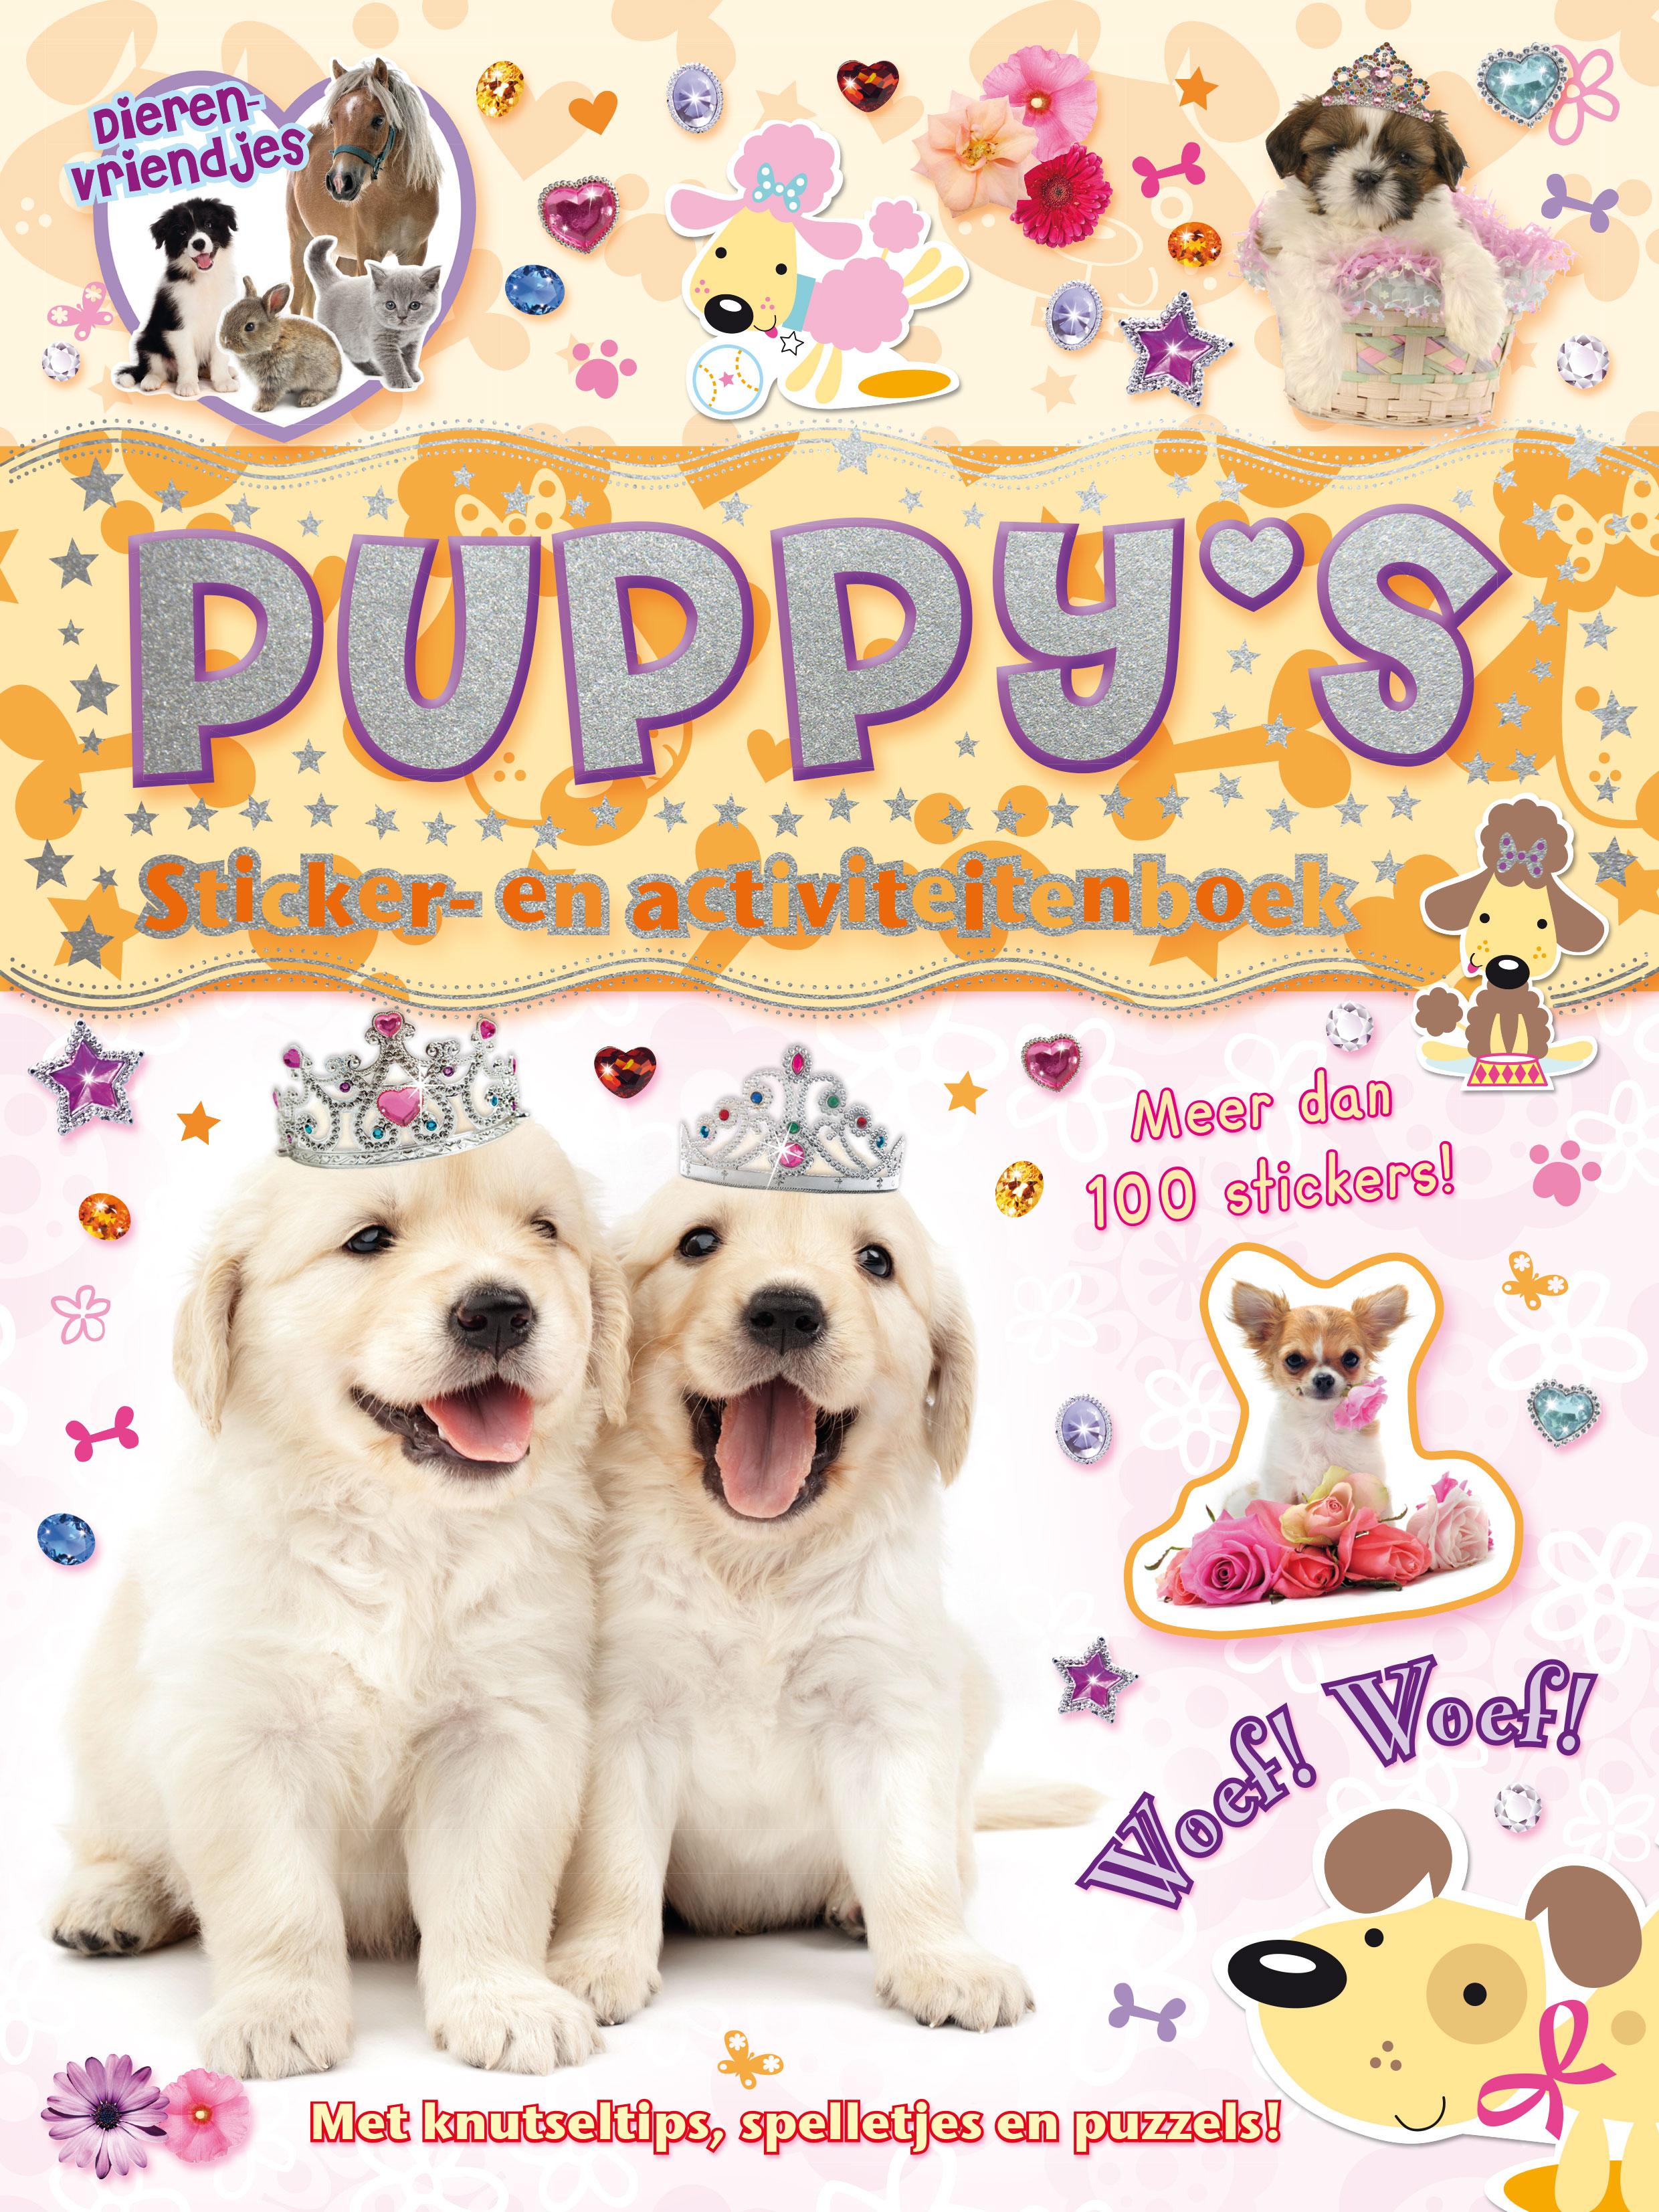 Puppy's - Dierenvriendjes